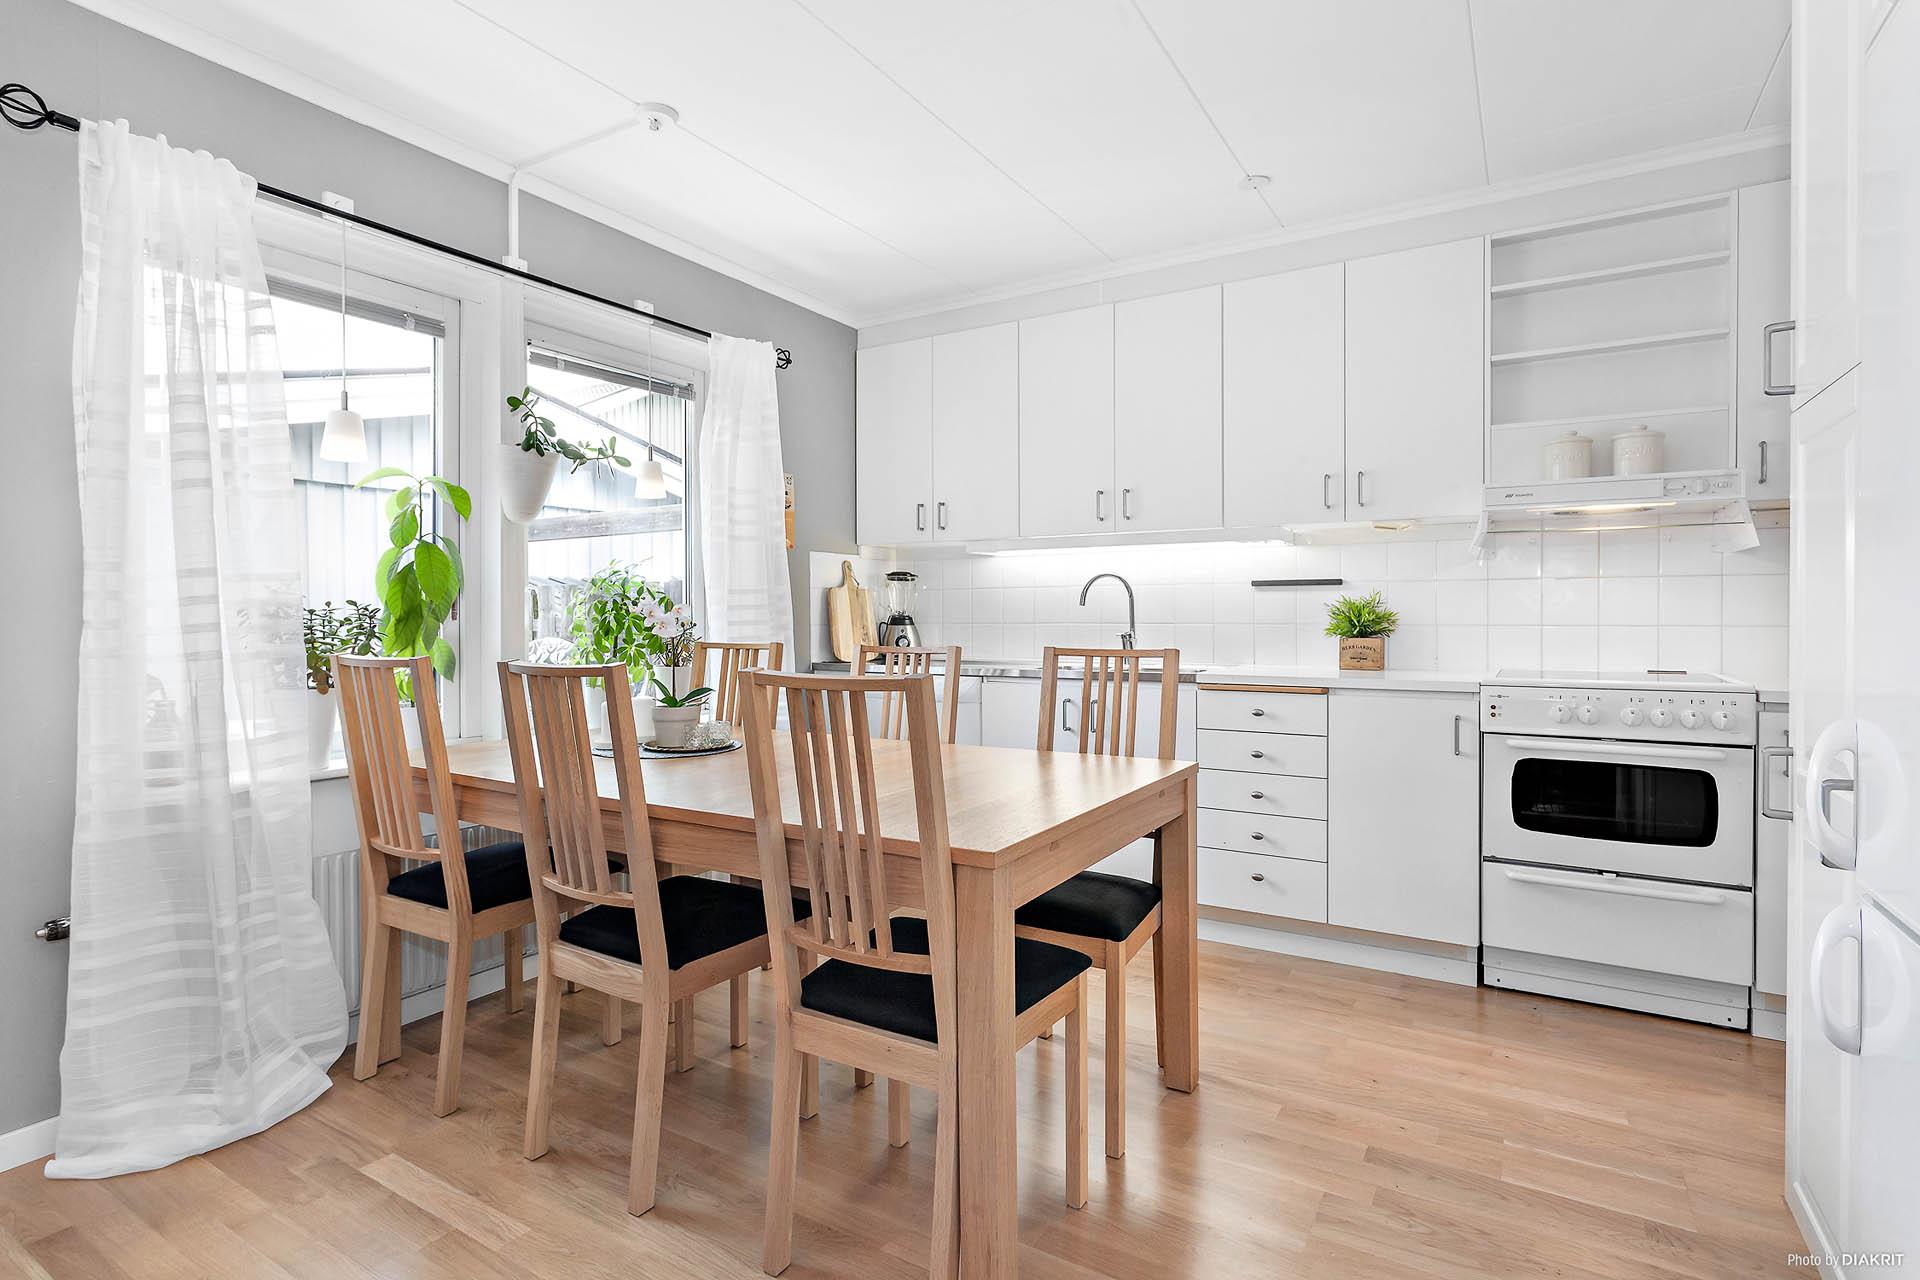 Matplats i kök med plats för flera middagsgäster